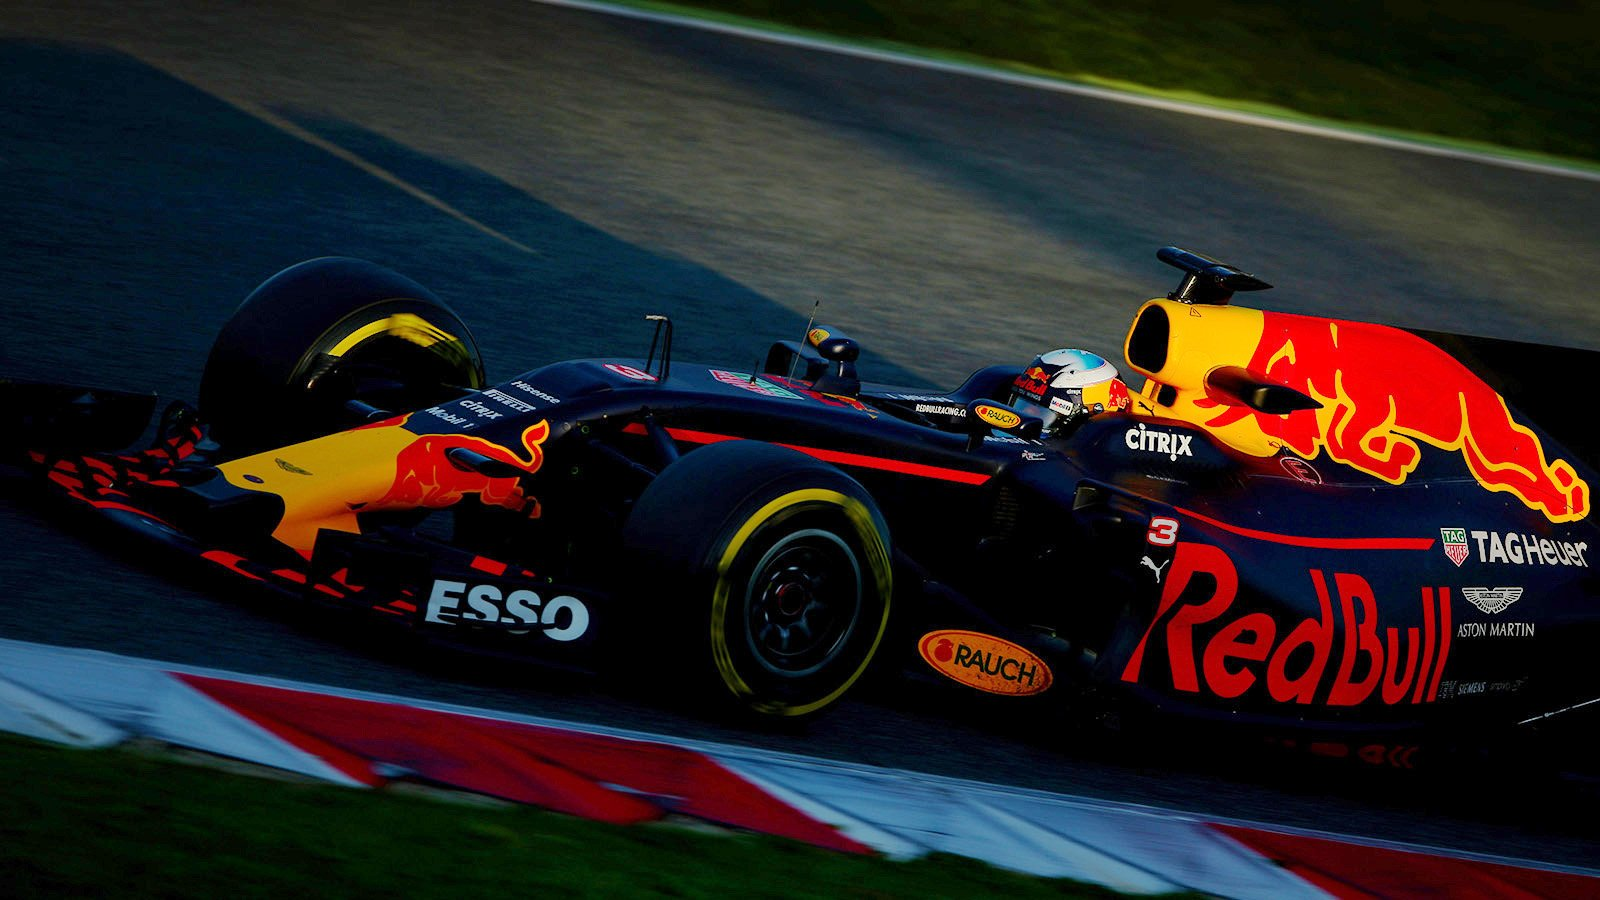 Red Bull Rb13 Barcelona The News Wheel